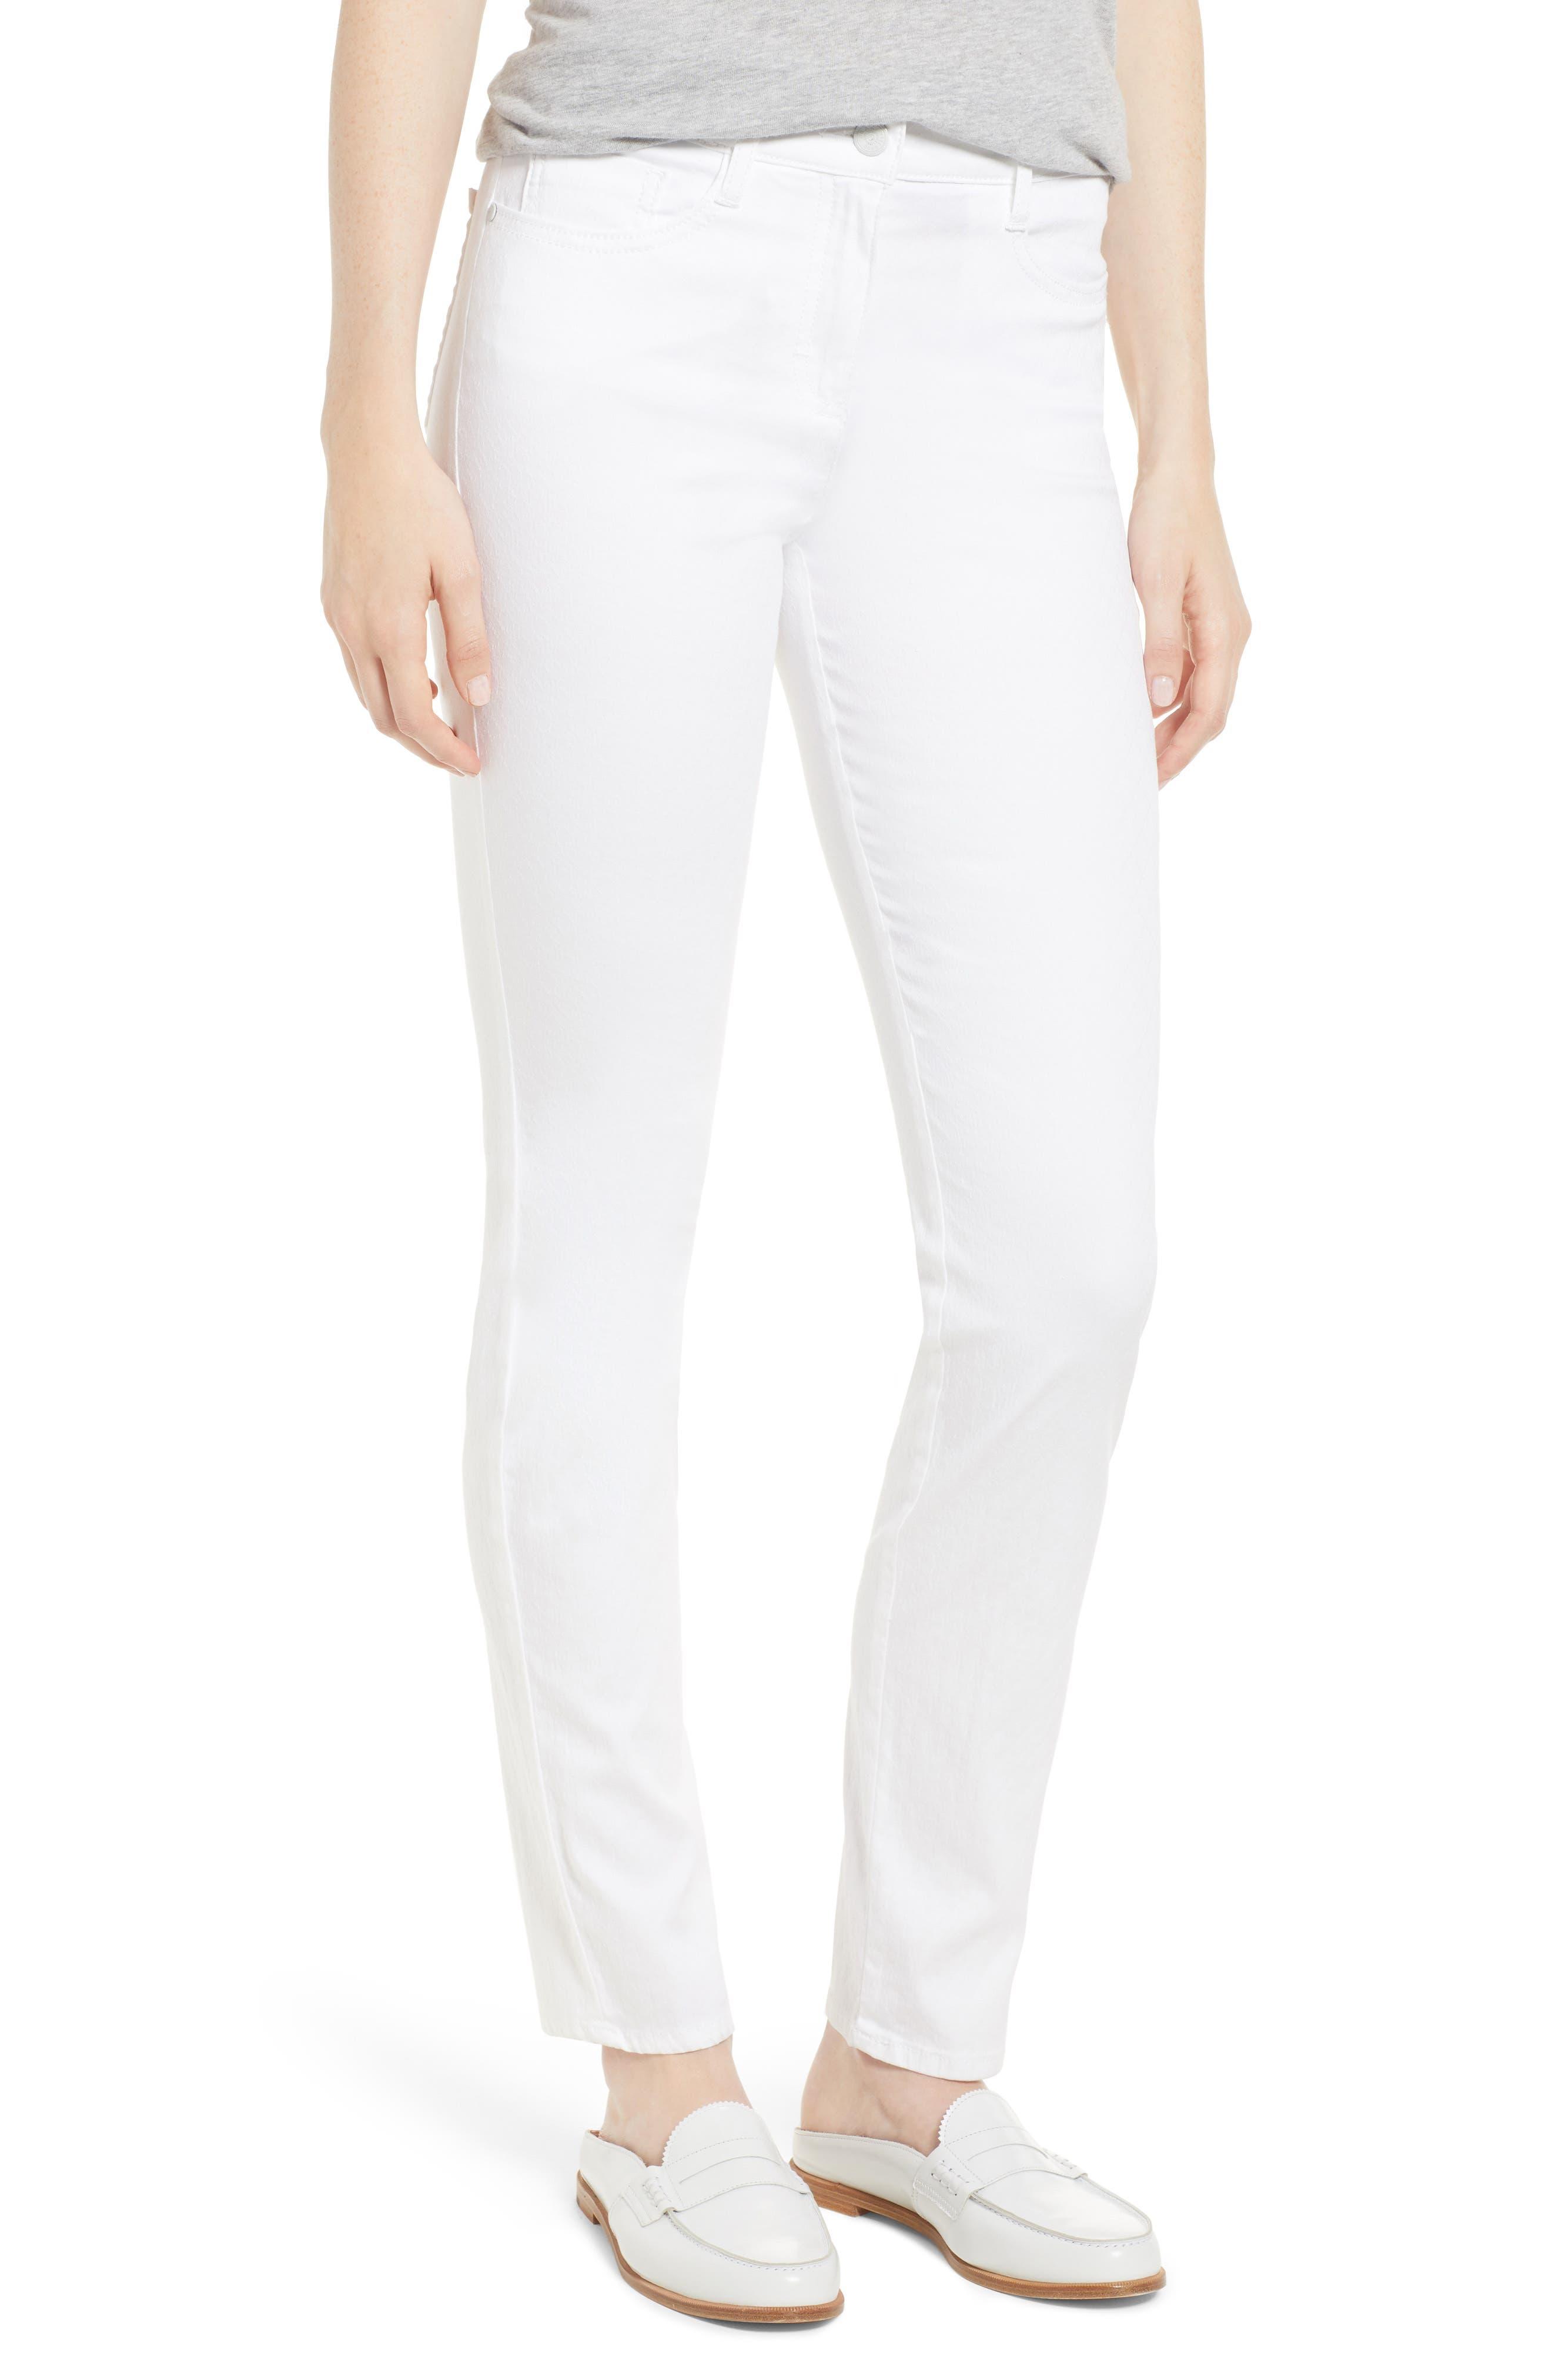 Shakira White Jeans,                             Main thumbnail 1, color,